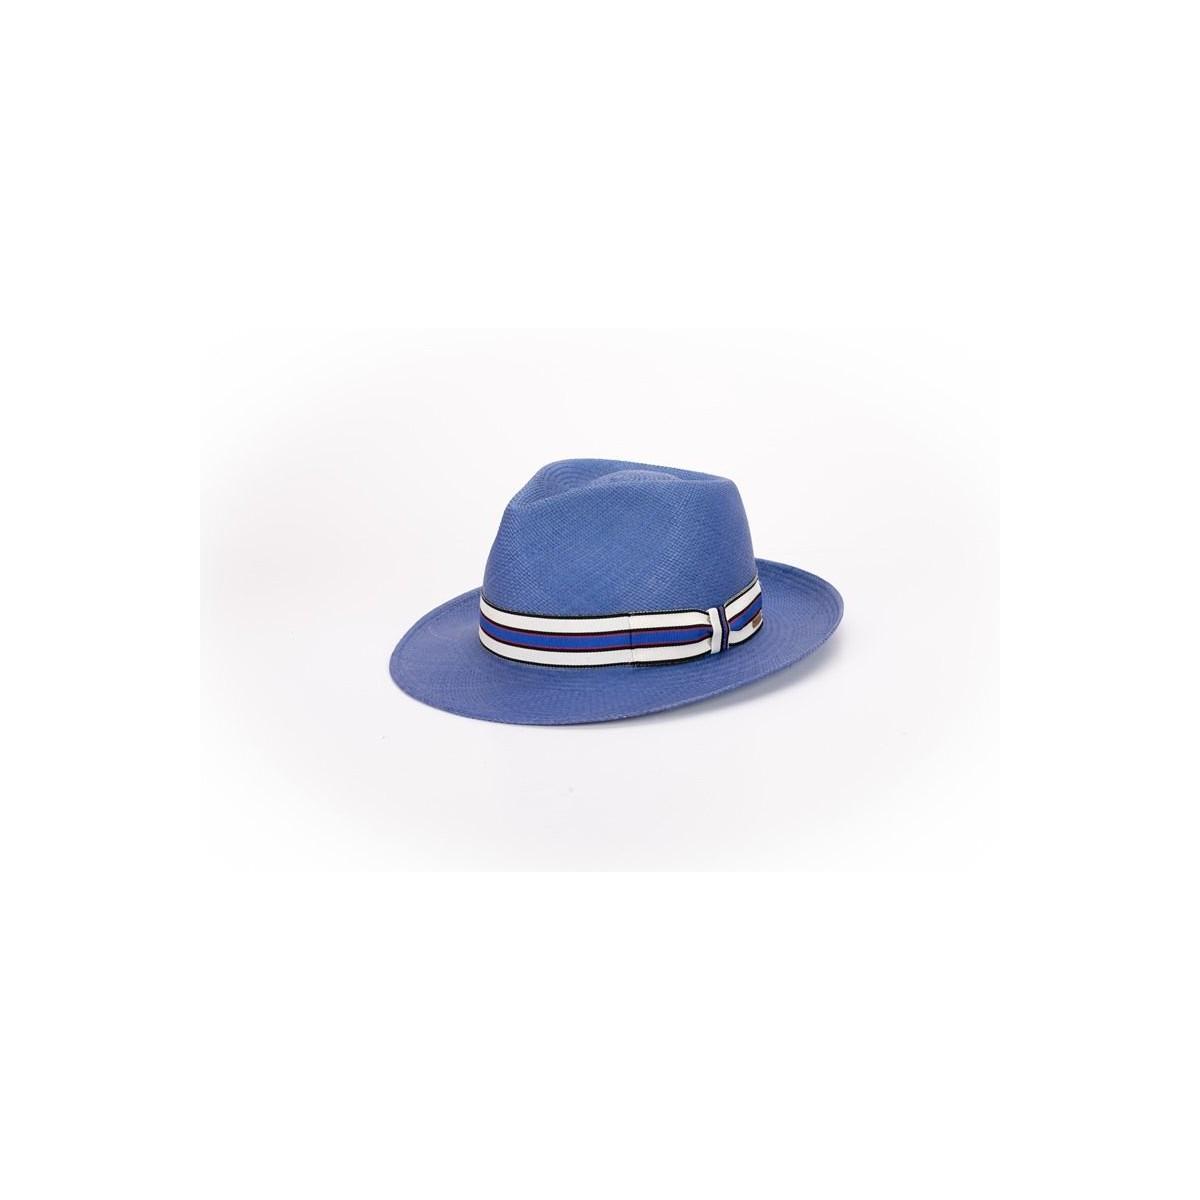 sombrero-hombre-panama-delta-paja-toquillera-azul-Fernandez-y-Roche-1